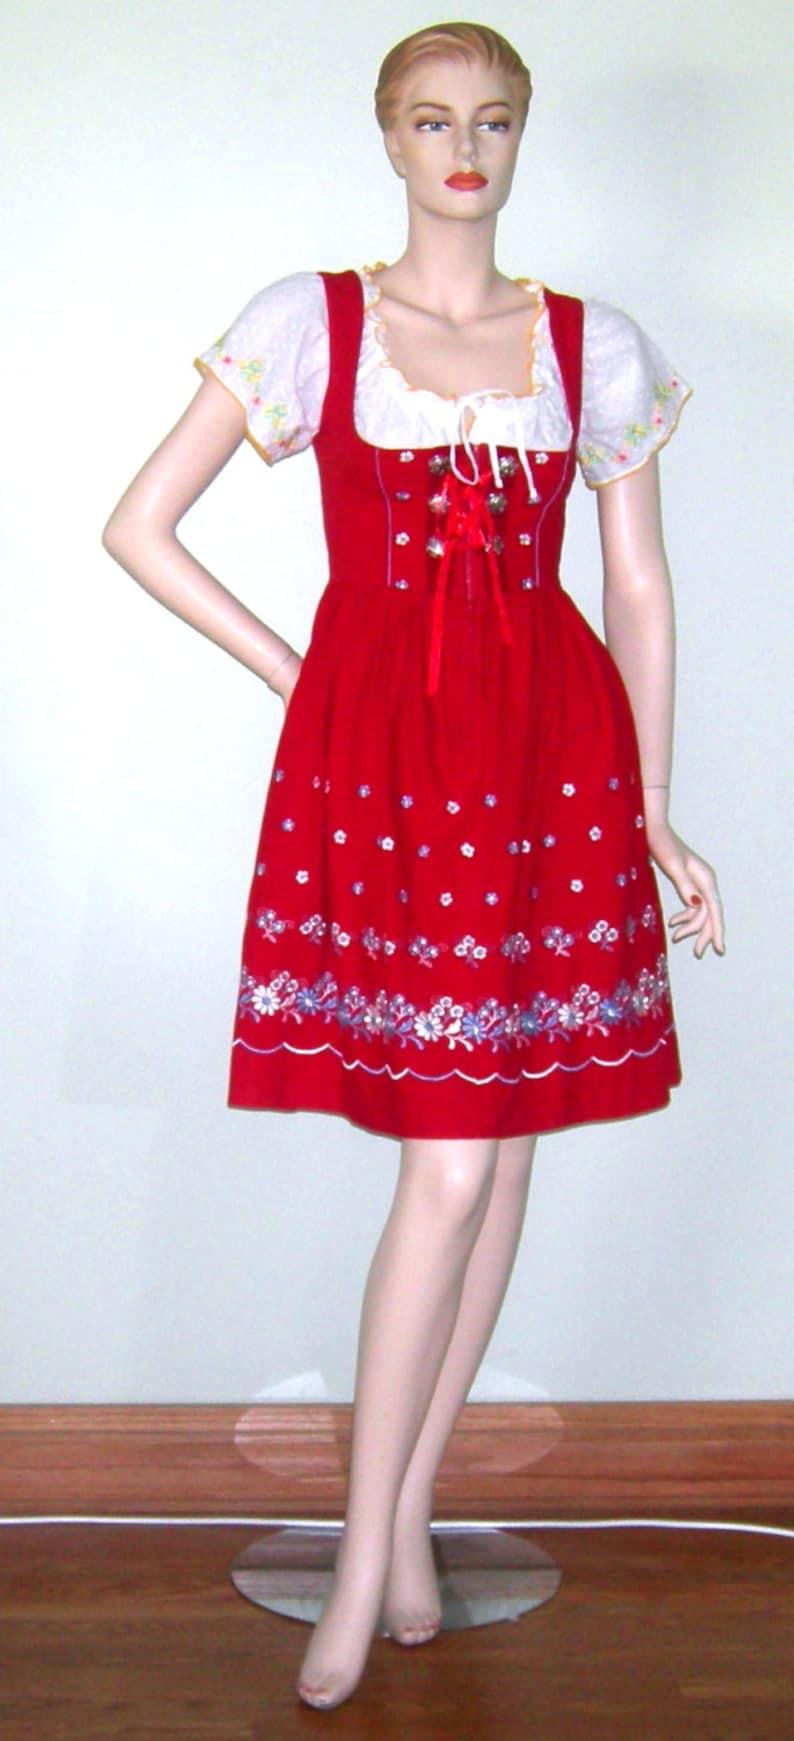 5af77b4134ab8 Vintage Austrian Dirndl Dress Red Embroidered Oktoberfest | Etsy